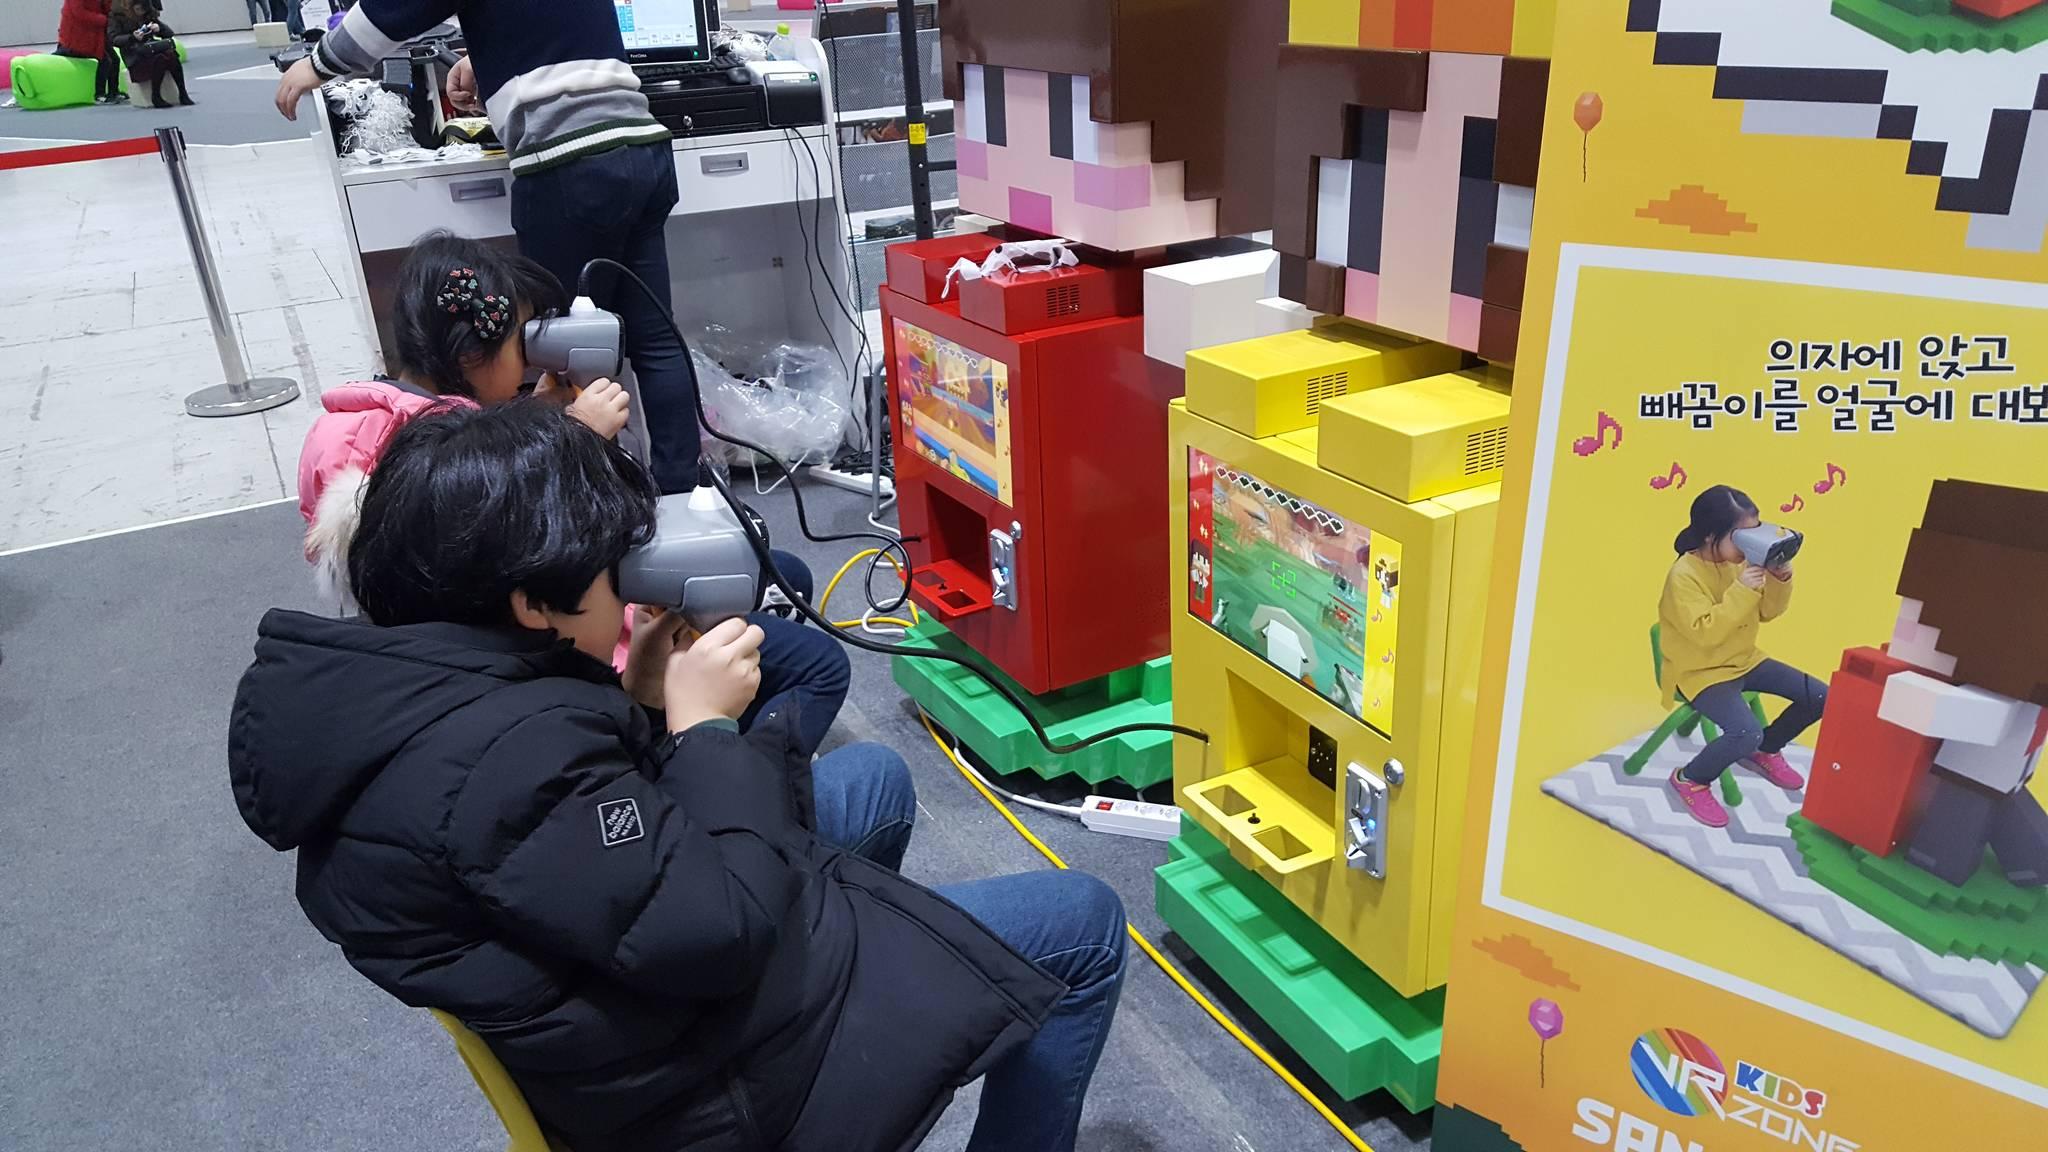 아이들이 아동용 '도띠잠뜰 VR'을 하고 있다. [사진 전북문화콘텐츠산업진흥원]